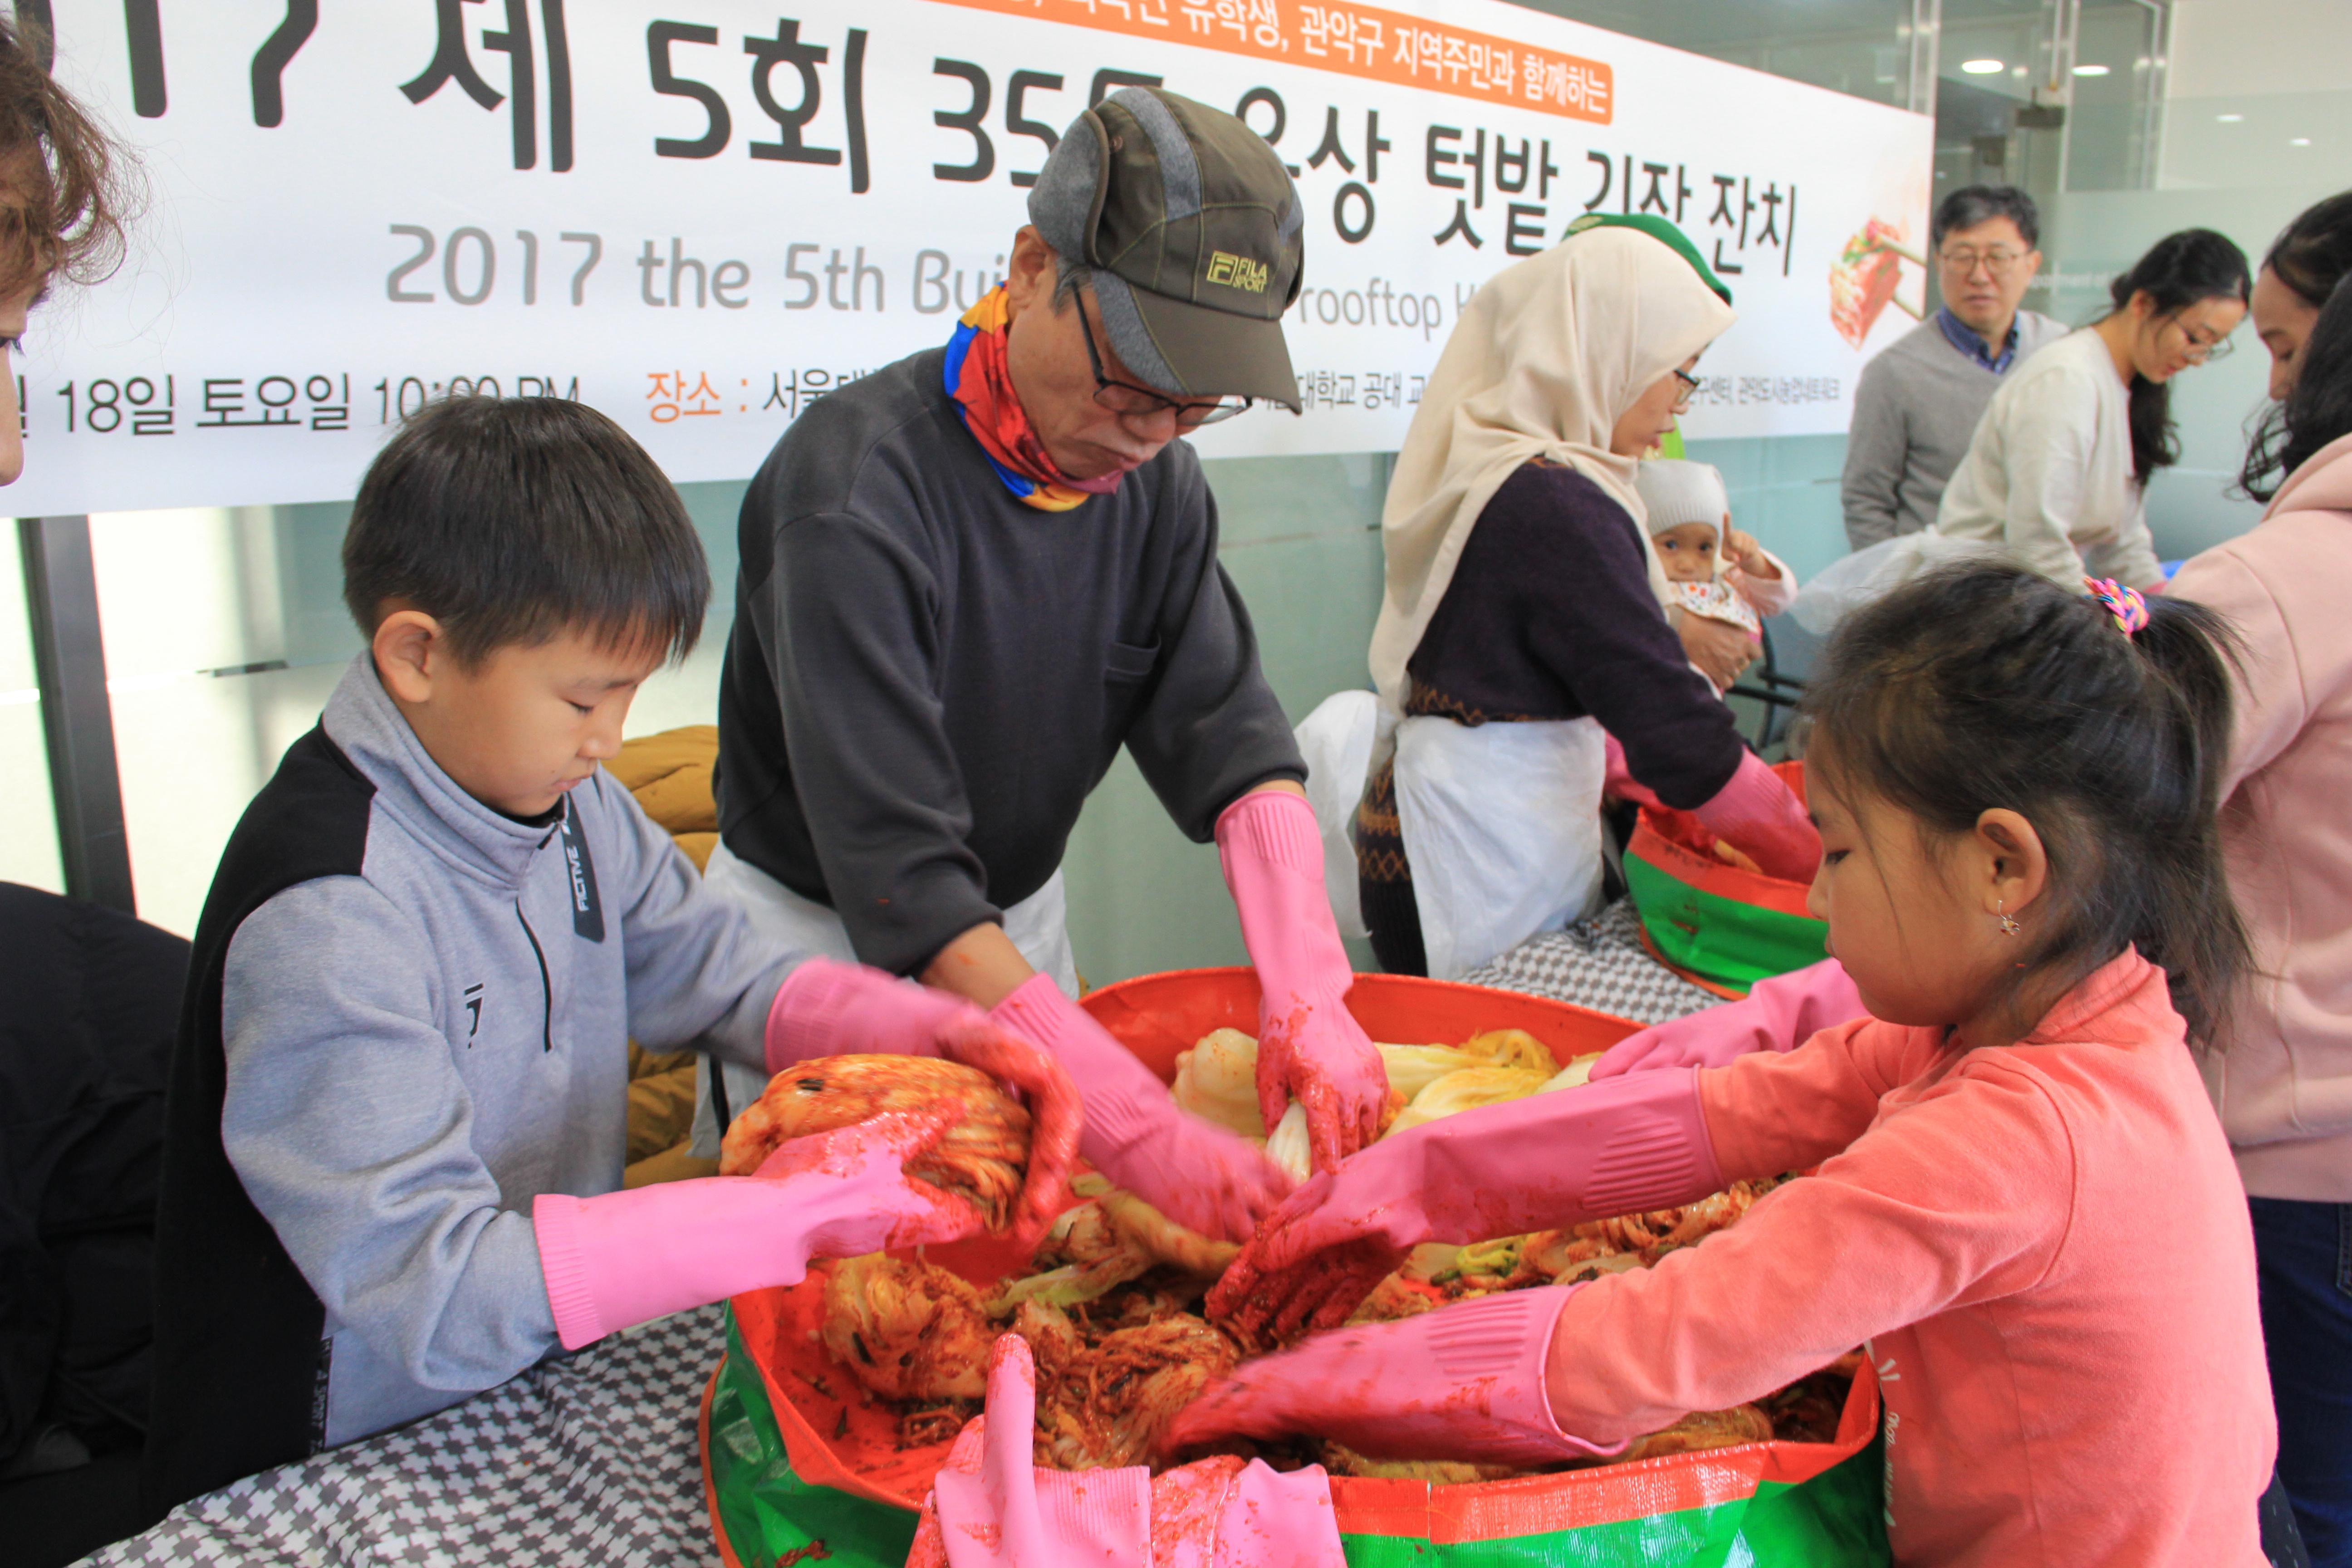 ▲ 2017 김장 잔치에서 김치를 담그는 모습